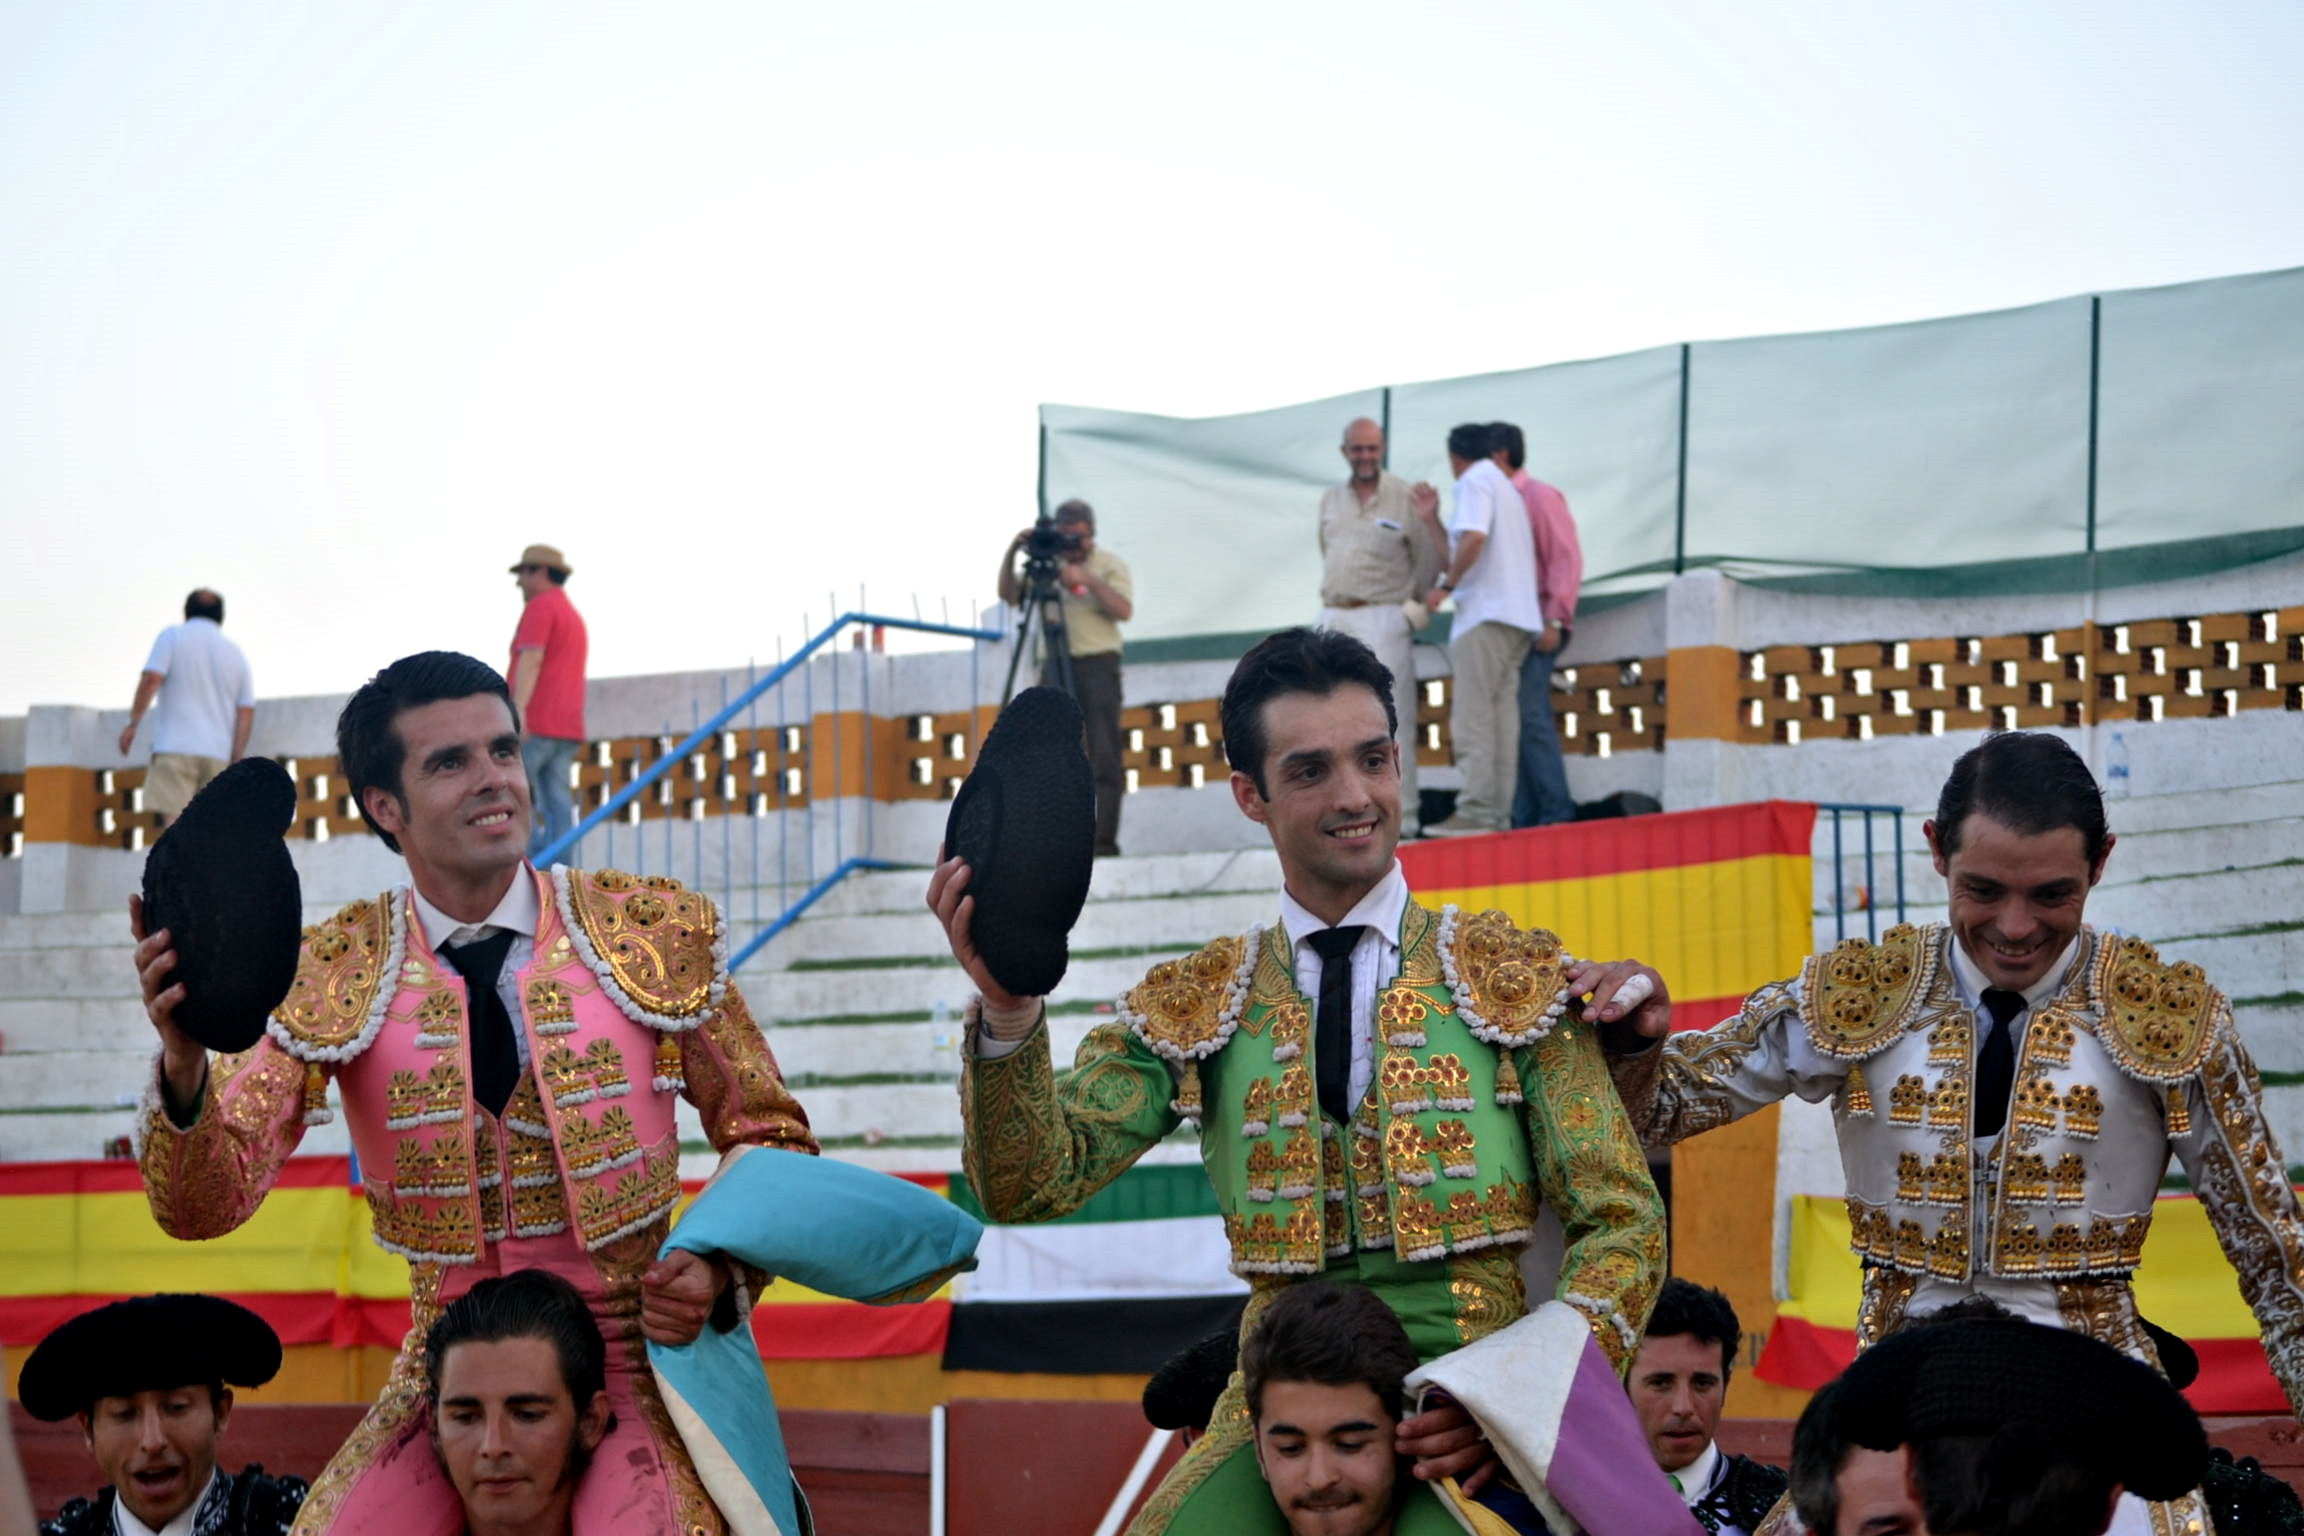 Dos orejas de peso y salida a hombros para Emilio de Justo en Malpartida de Plasencia